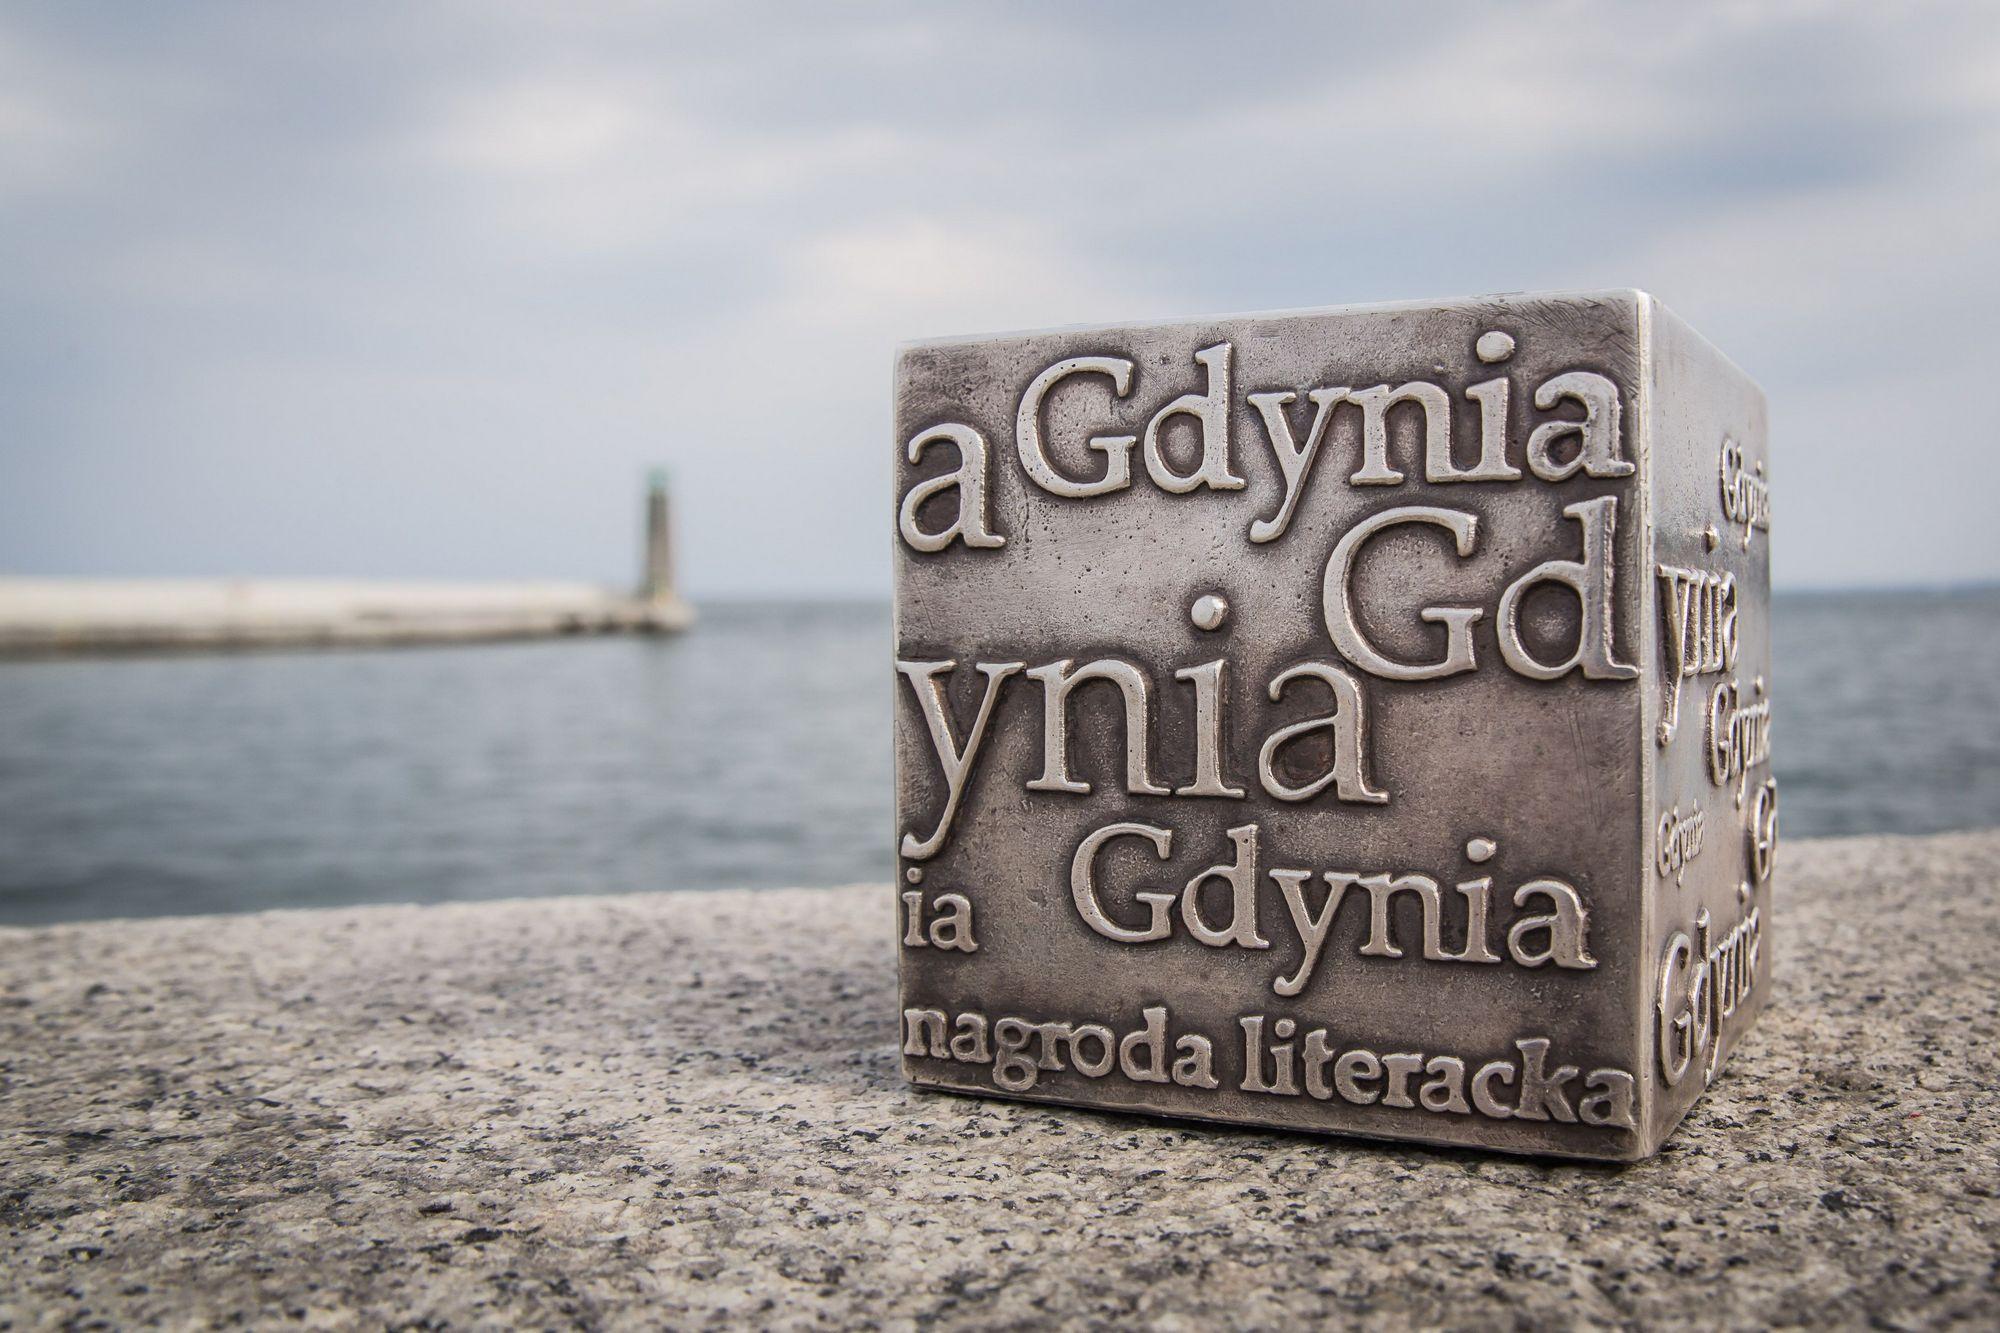 Kostka Literacka – Nagroda Literacka Gdynia (źródło: materiały prasowe organizatora)